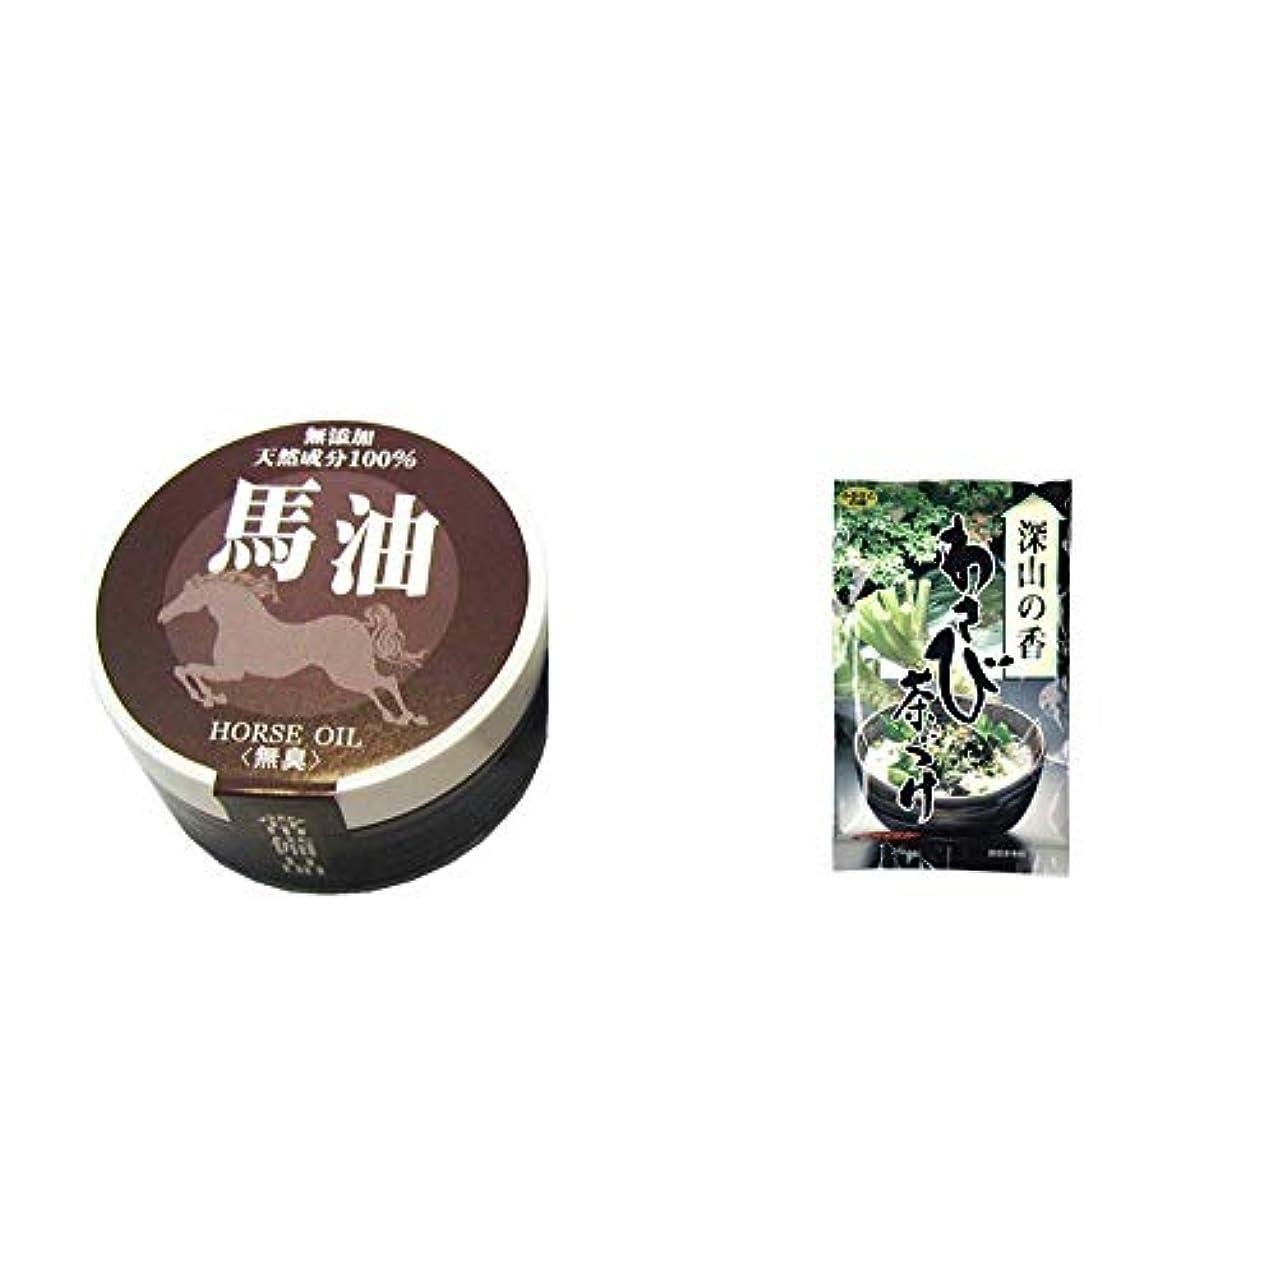 のヒープロボット磁石[2点セット] 無添加天然成分100% 馬油[無香料](38g)?特選茶漬け 深山の香 わさび茶づけ(10袋入)